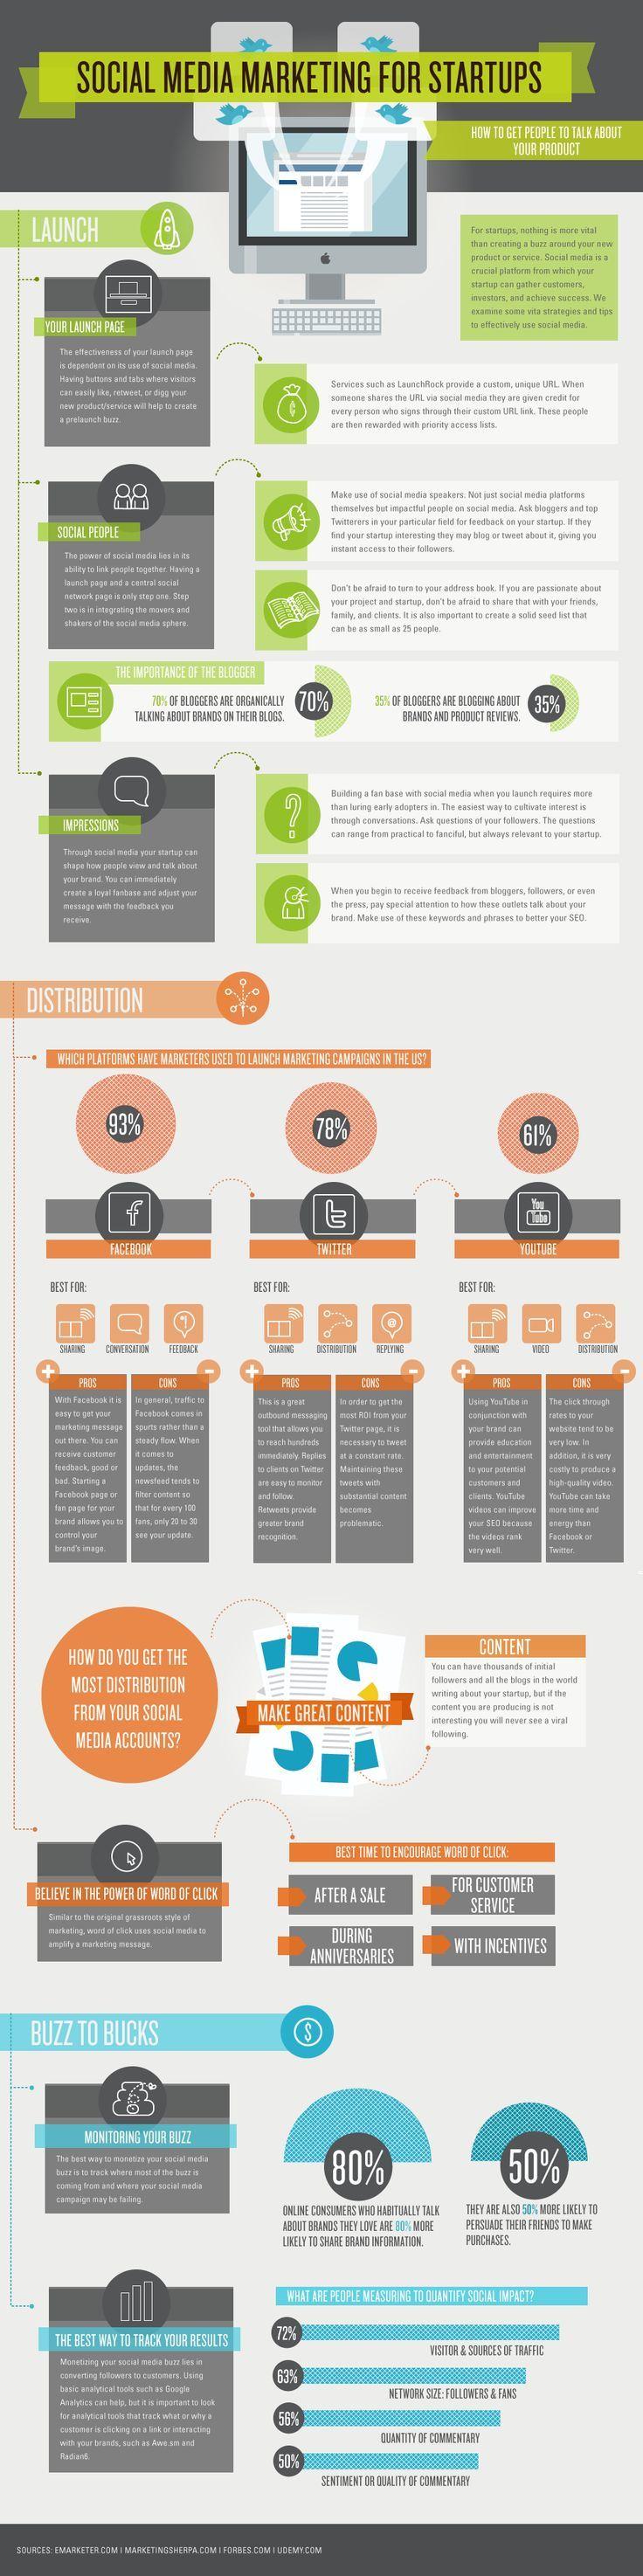 ENTREPRENEURSHIP -         Infographic Social media marketing for startups.